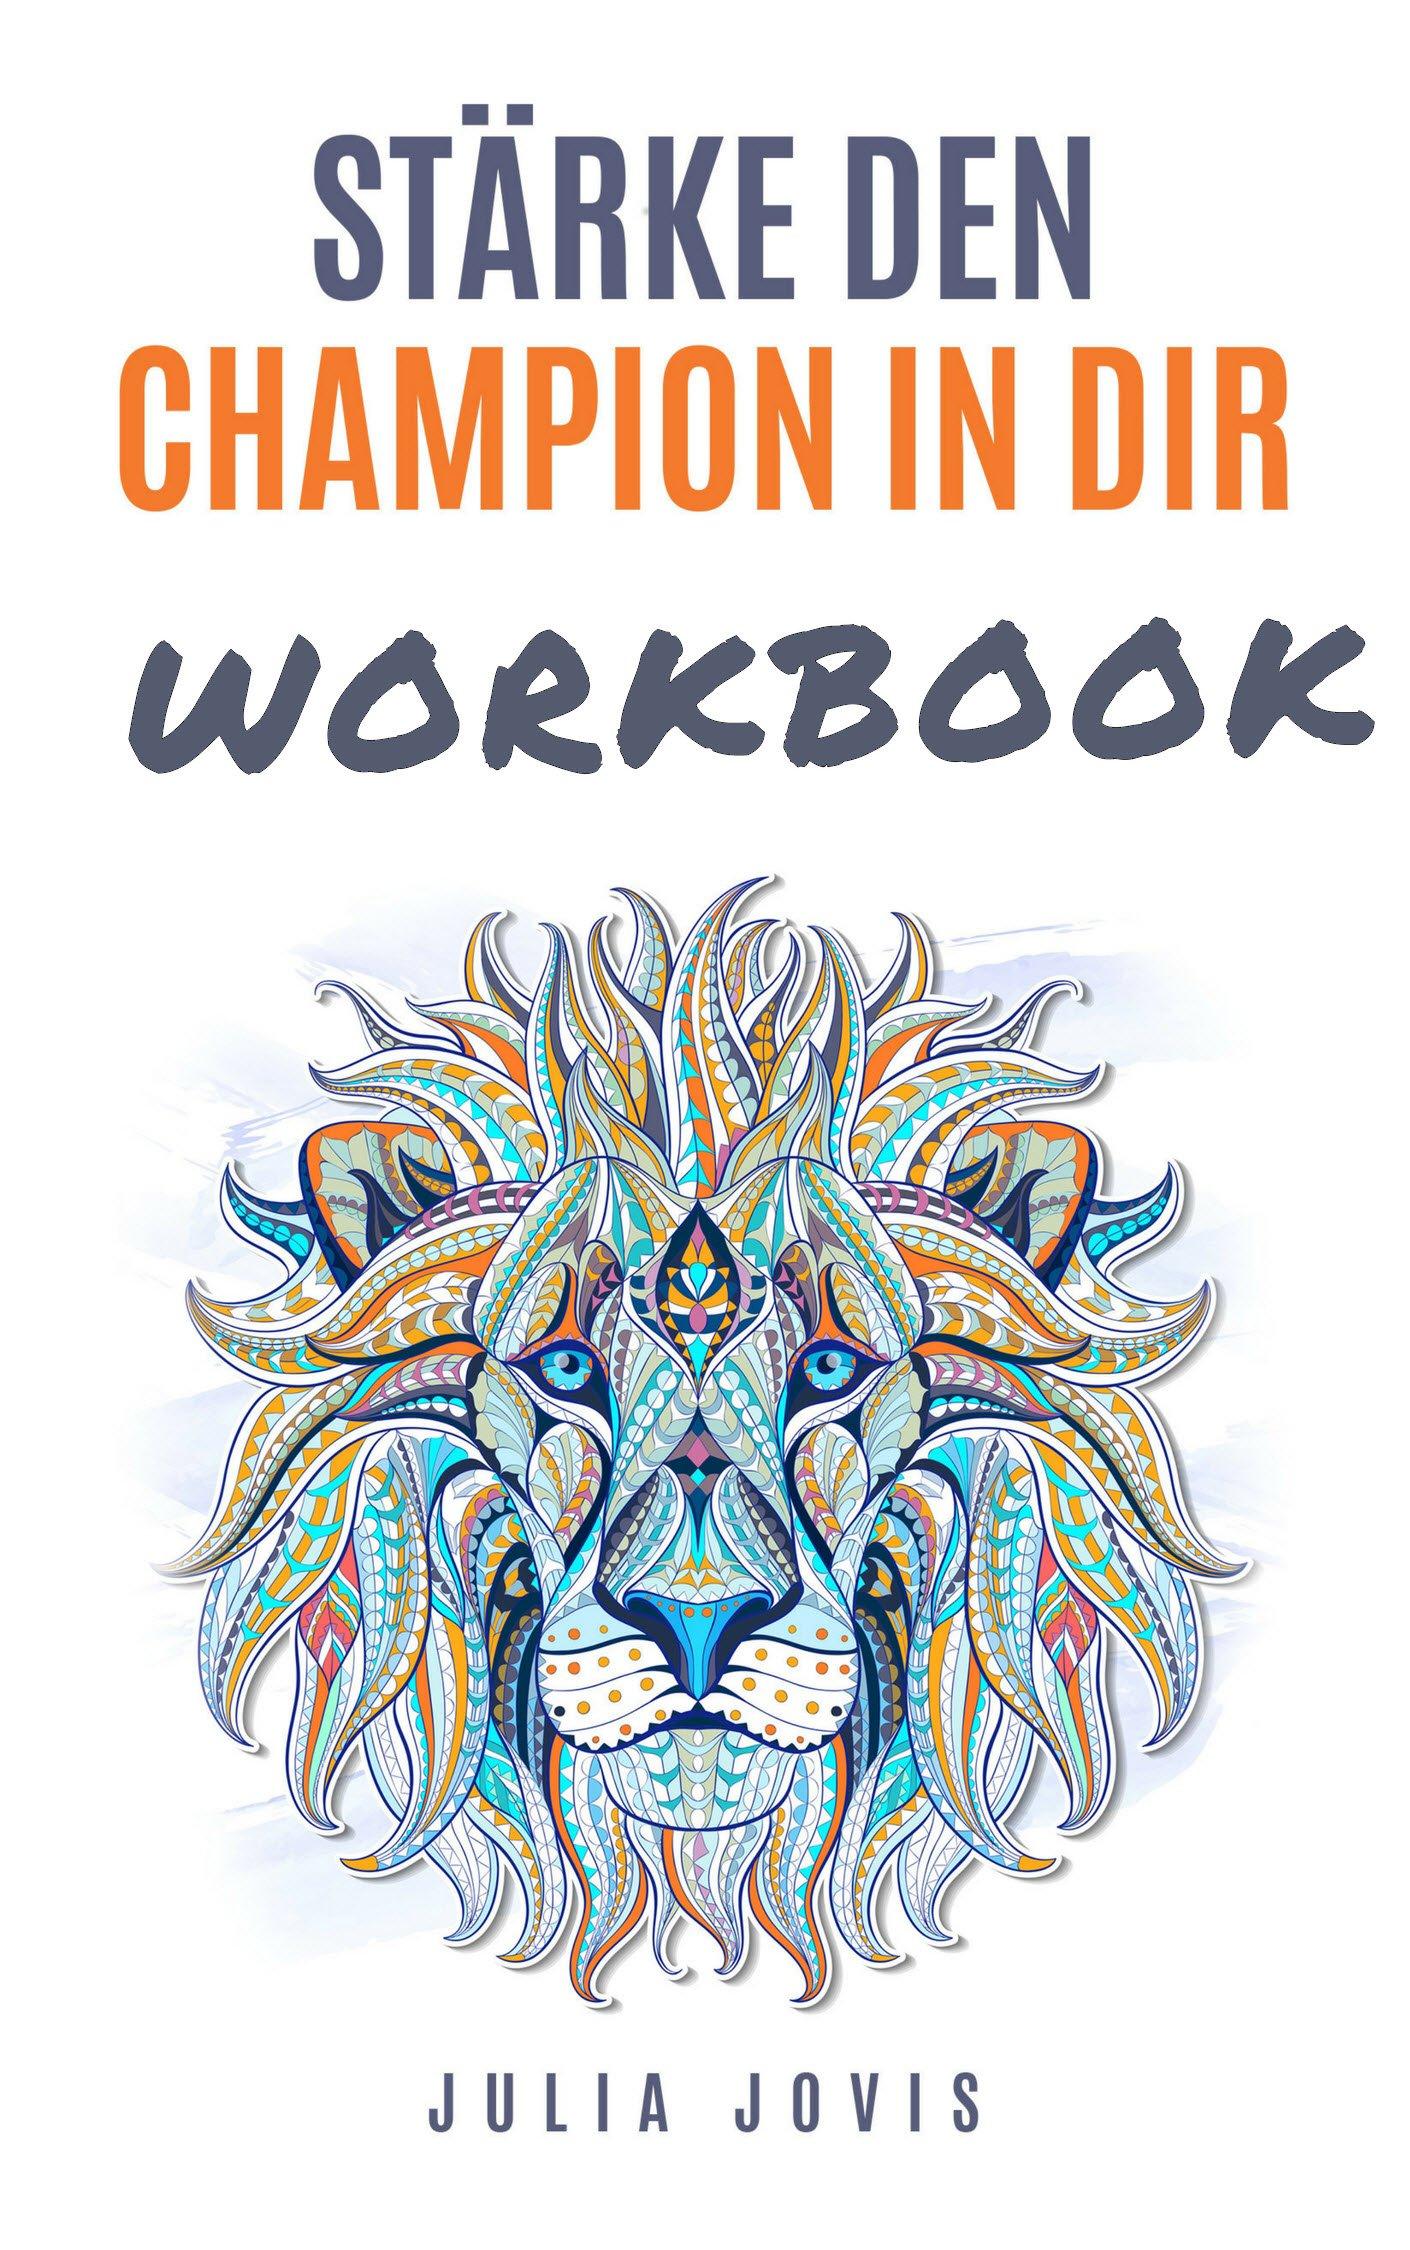 Stärke den Champion in der Workbook von Julia Jovis